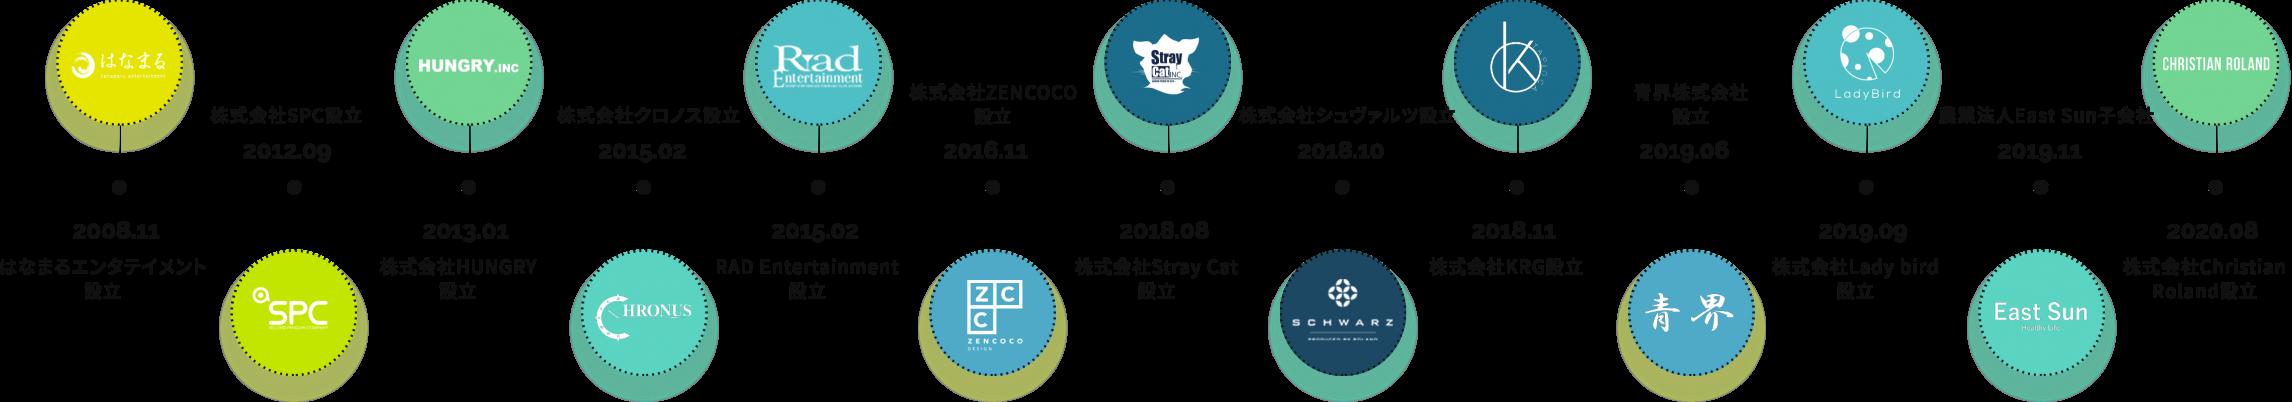 company_history@2x_new